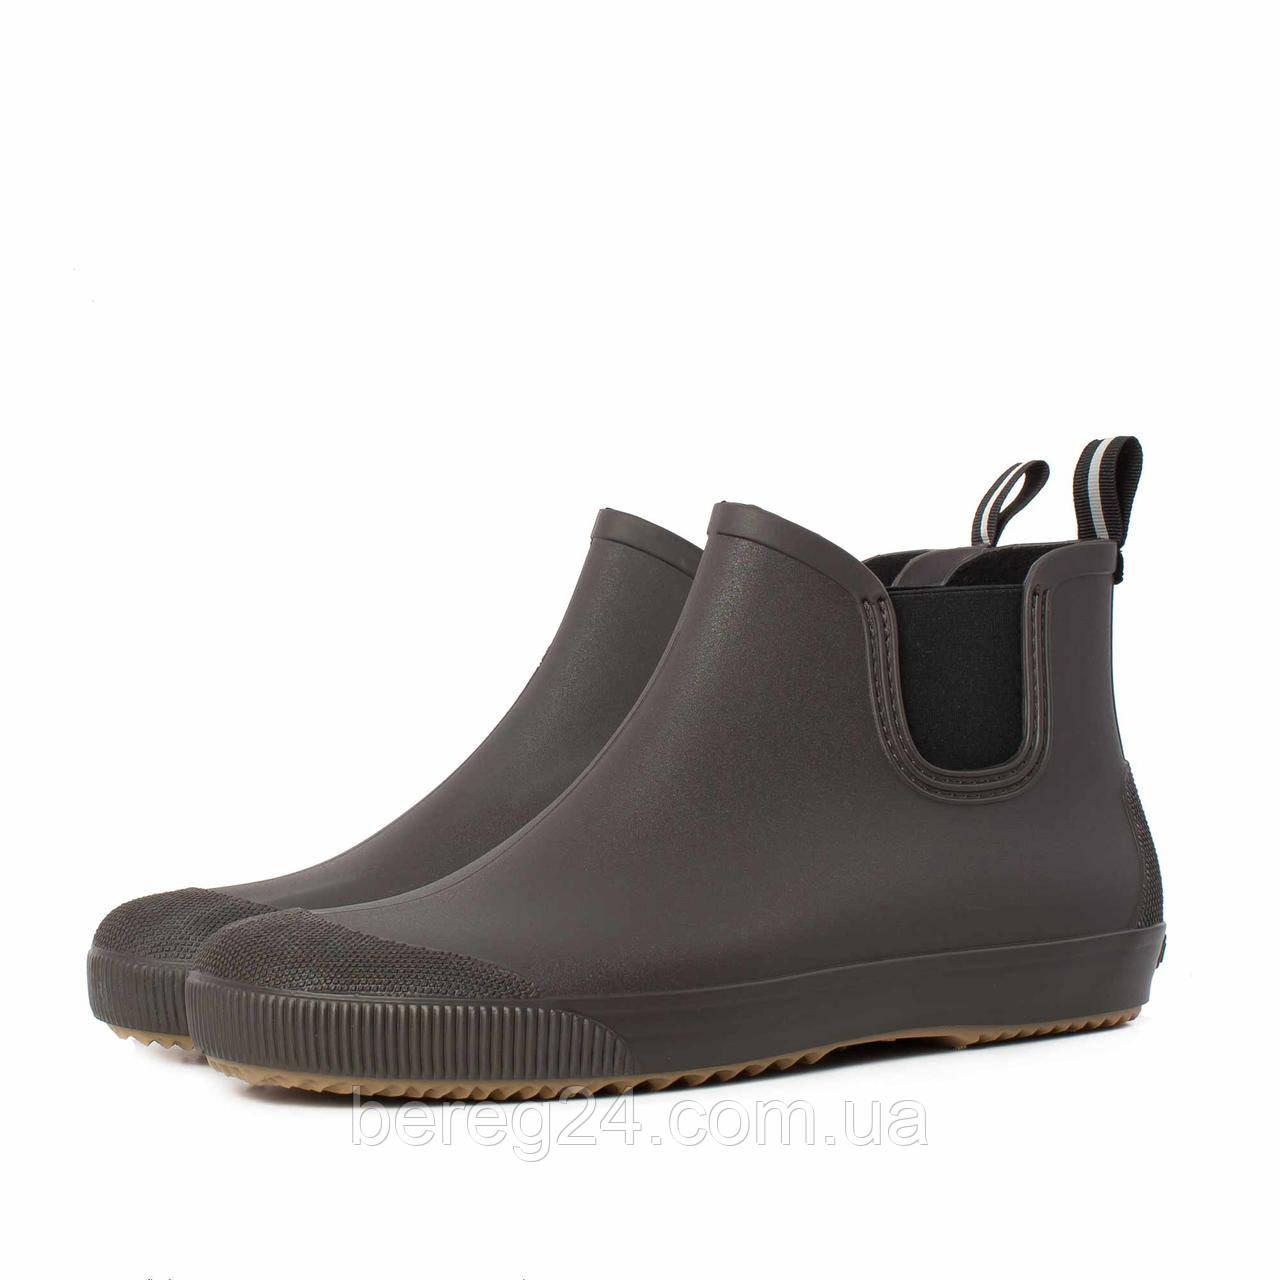 Мужские ботинки NordMan BEAT резиновые с эластичной вставкой коричневые размер 41